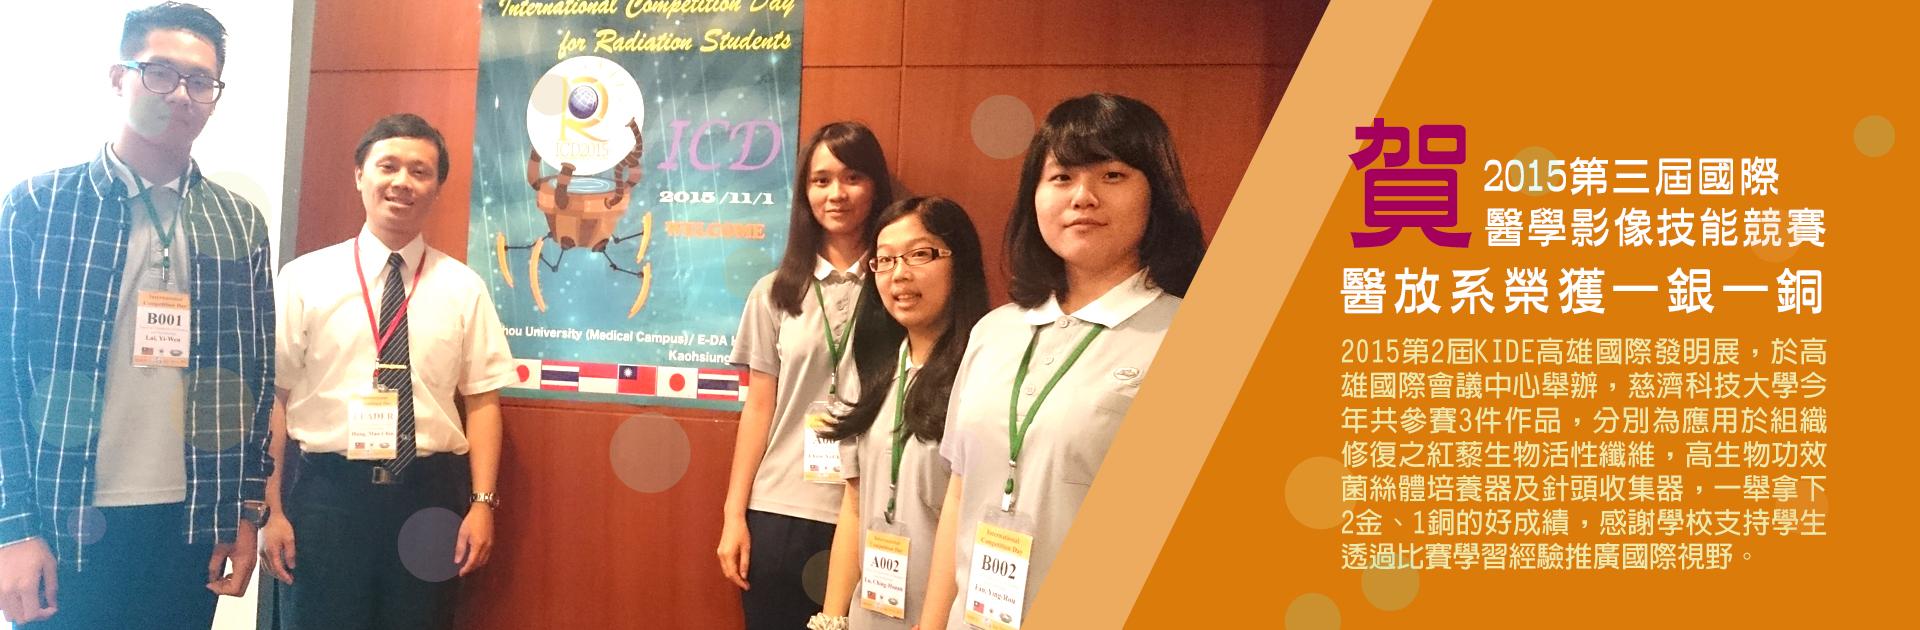 2015第三屆國際醫學影像技能競賽 醫放系榮獲一銀一銅